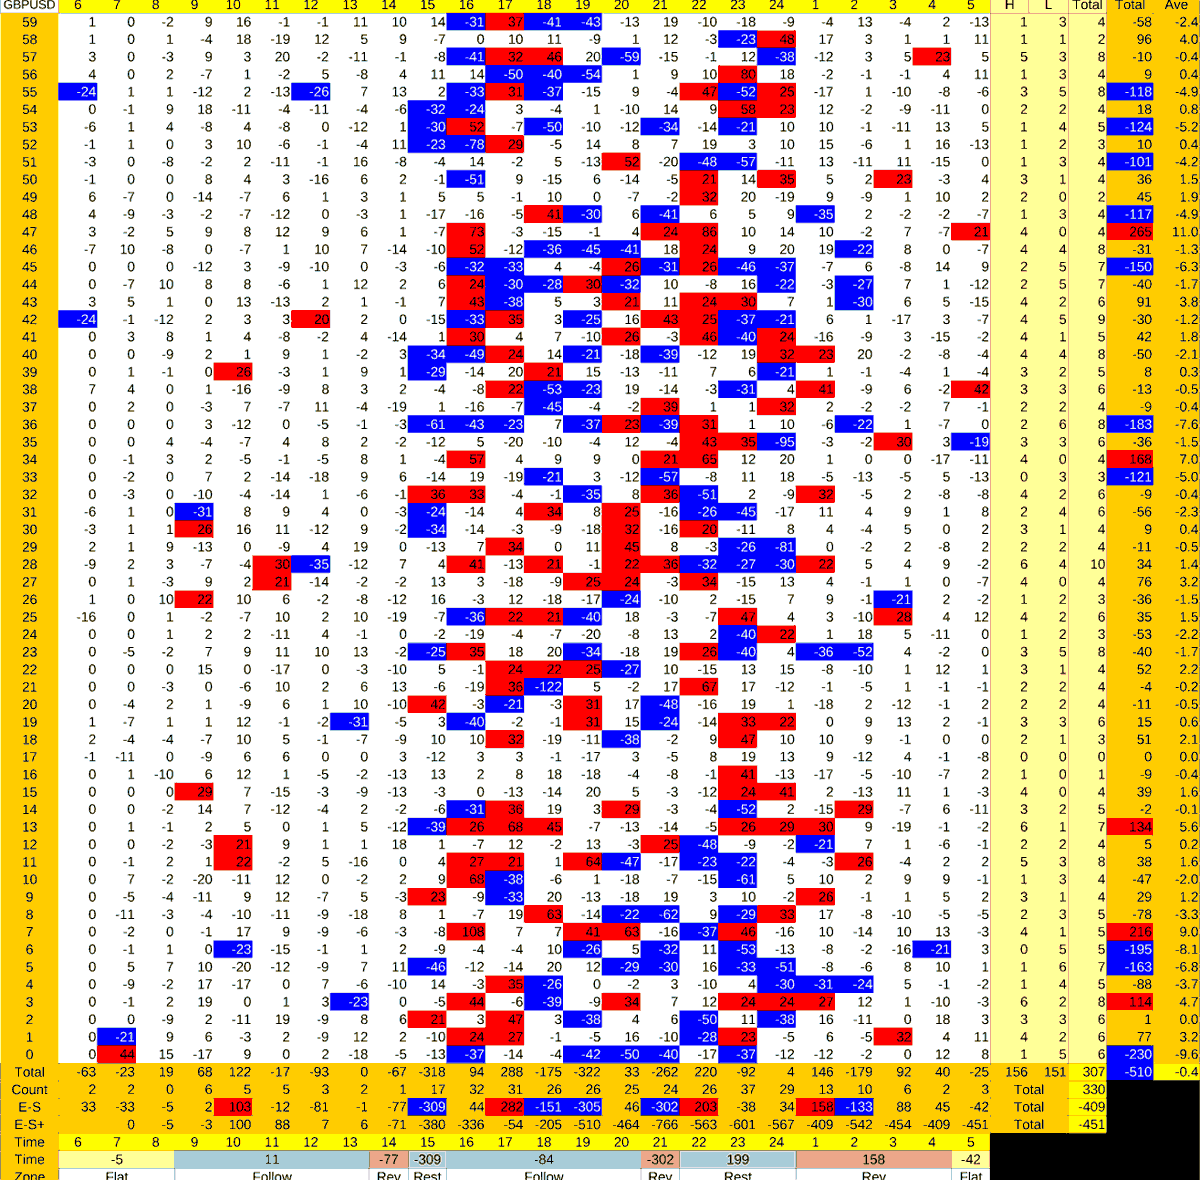 20210720_HS(2)GBPUSD